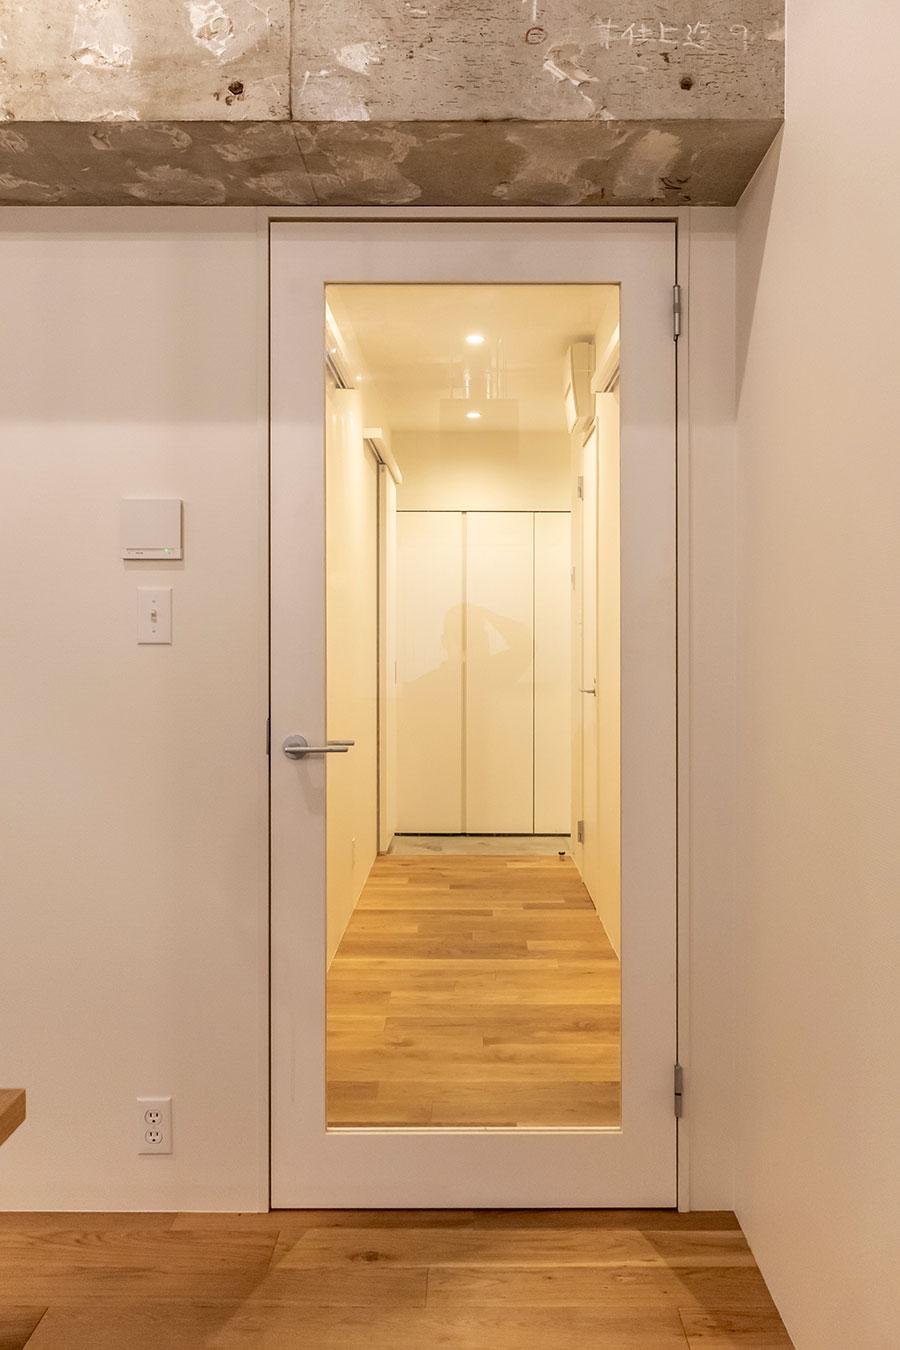 リビングから玄関へと続く廊下の扉。